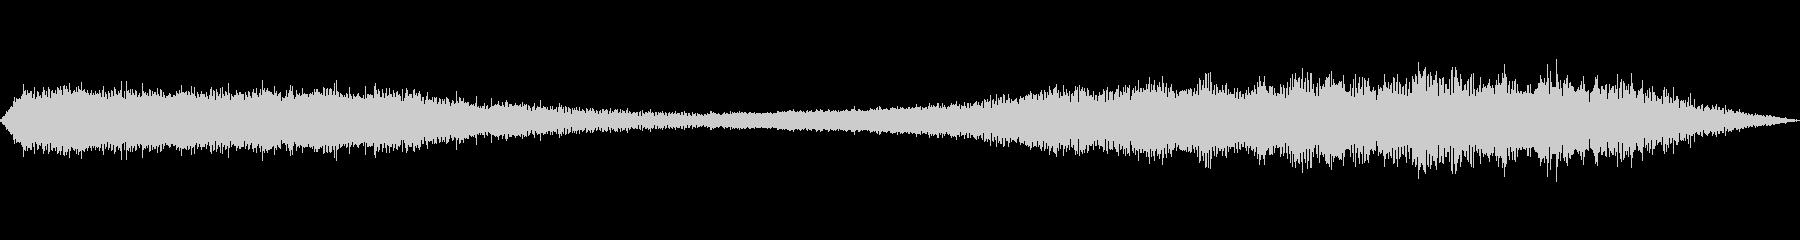 夏の音(セミの鳴き声)の未再生の波形